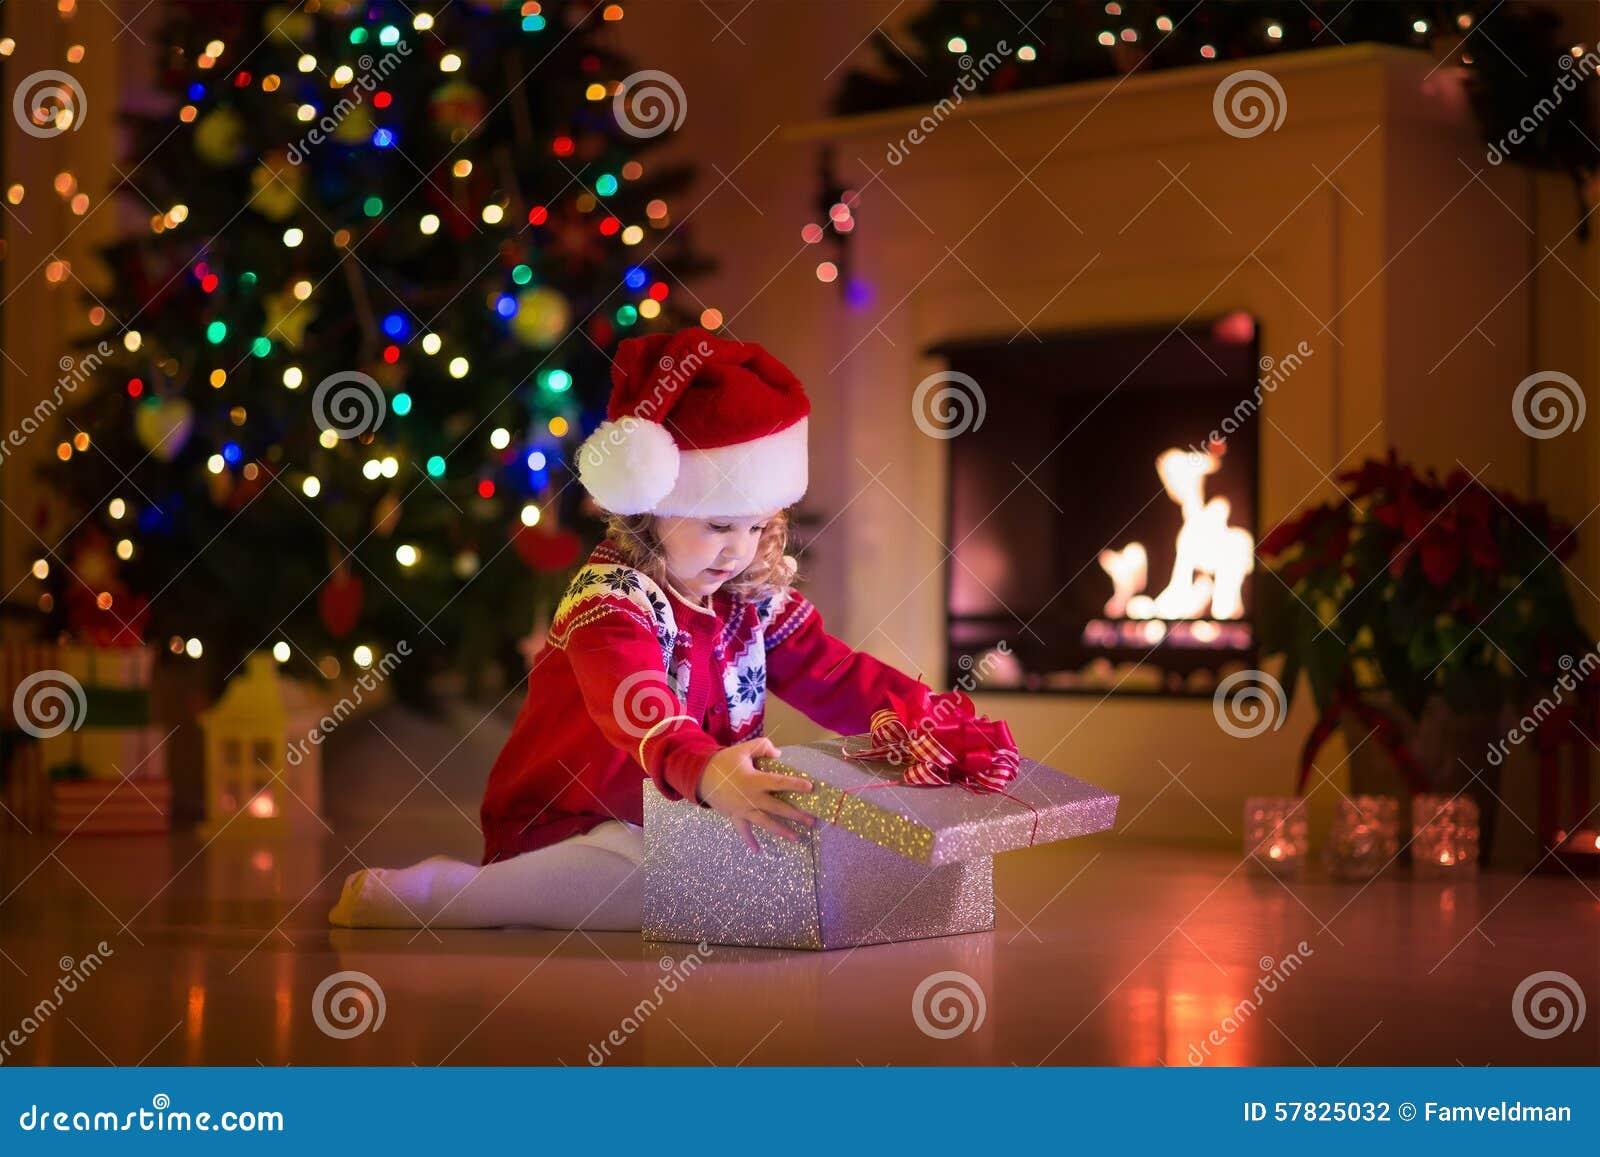 Regali Di Natale Fratello.Bambini Che Aprono I Regali Di Natale Al Camino Fotografia Stock